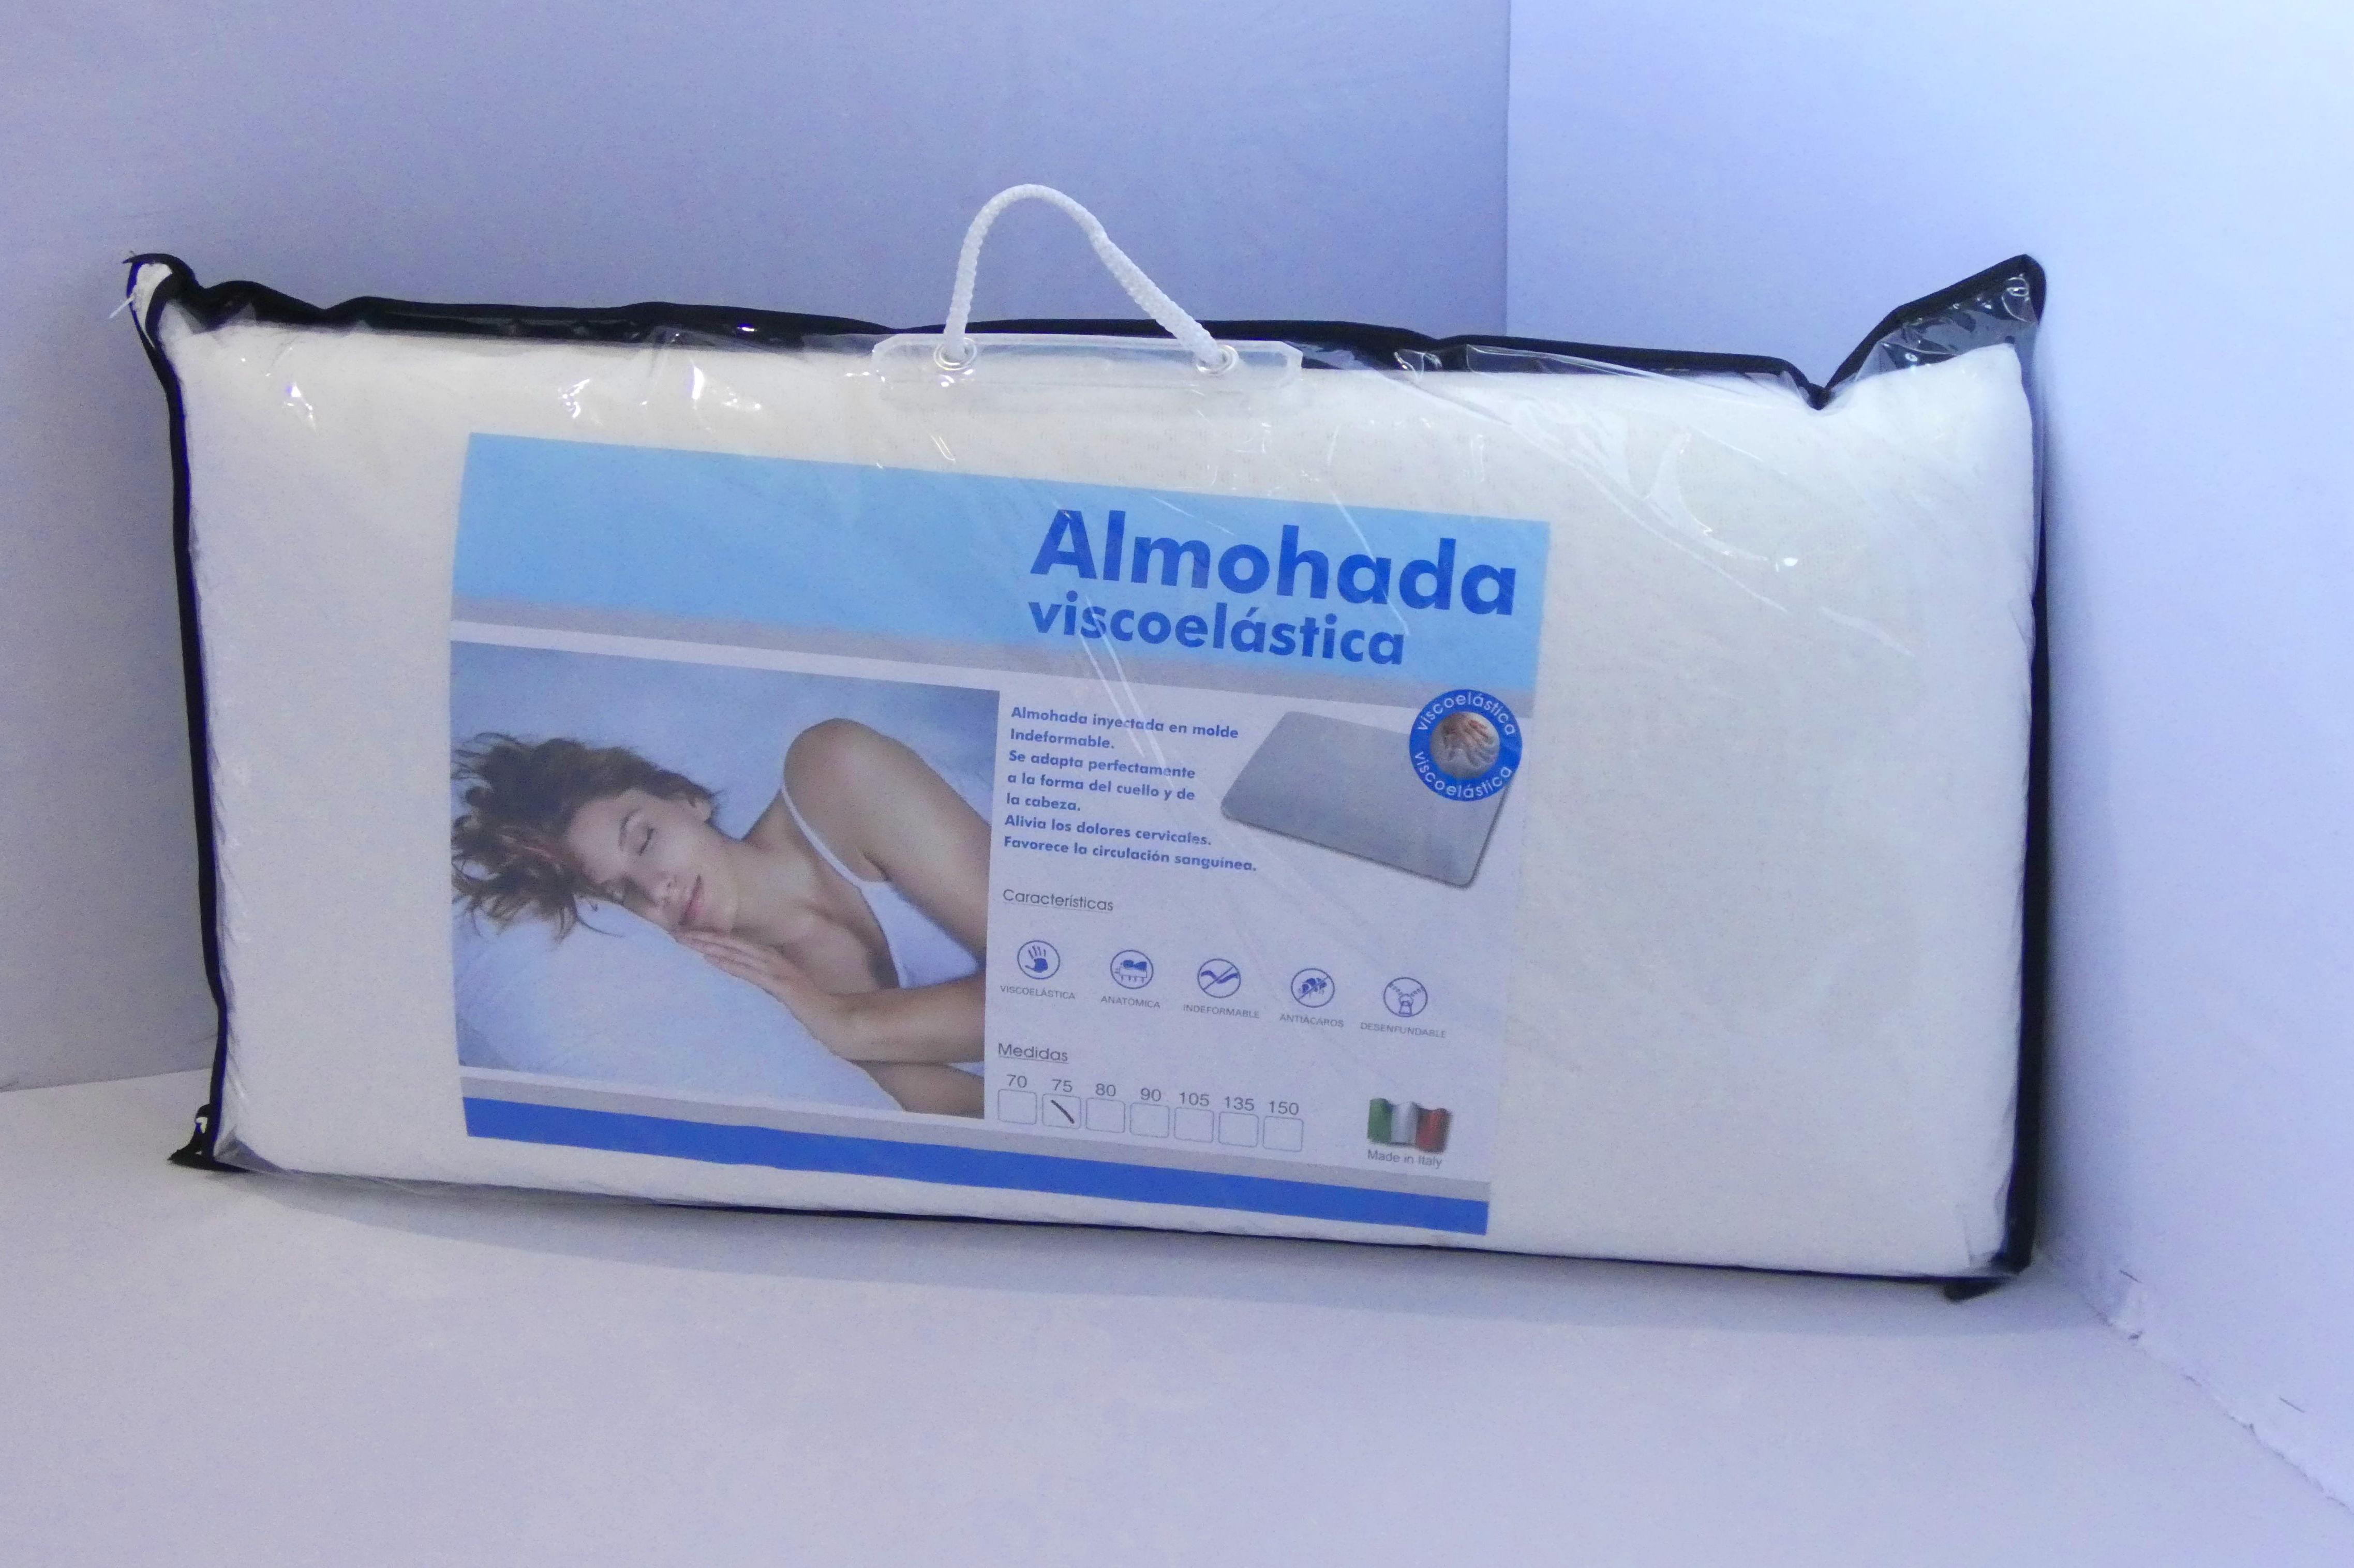 Almohadas de Visco: Productos de Almohadas Bellson